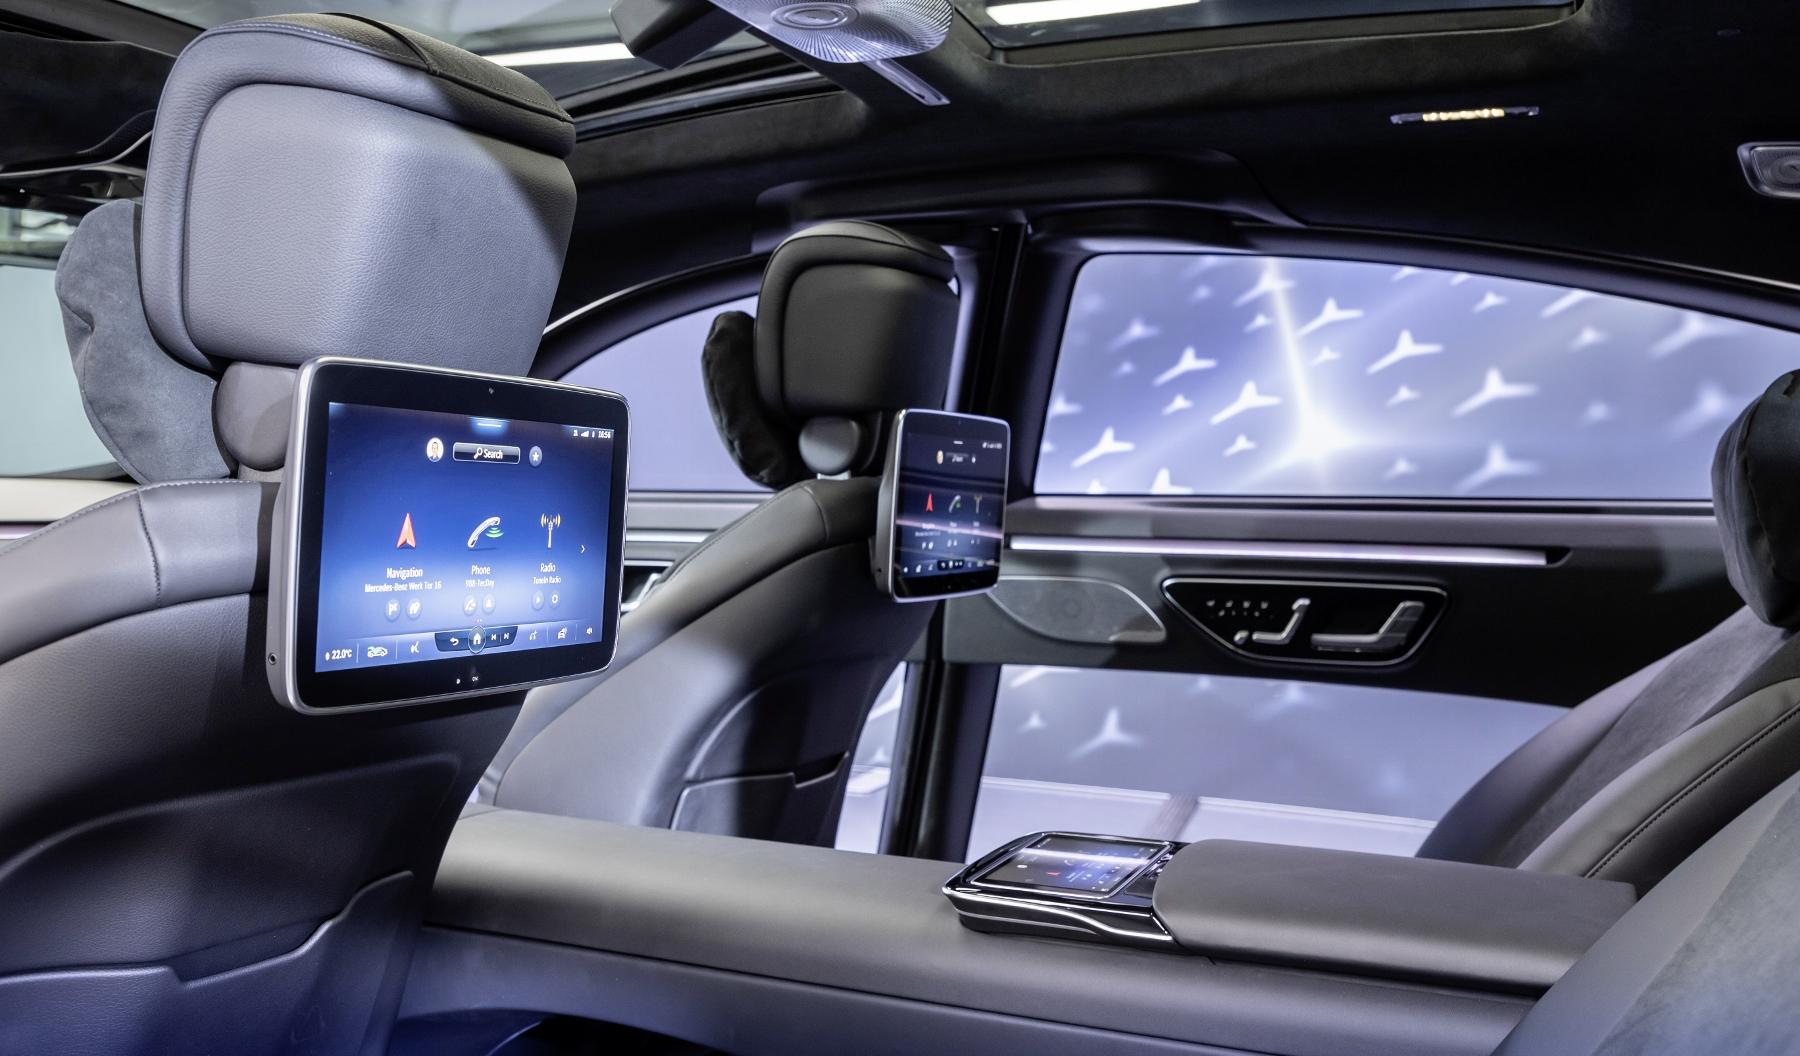 Mercedes triedy S dostane 3D displej a množstvo nových technológií Hjv2AK5RtA mercedes-s-1